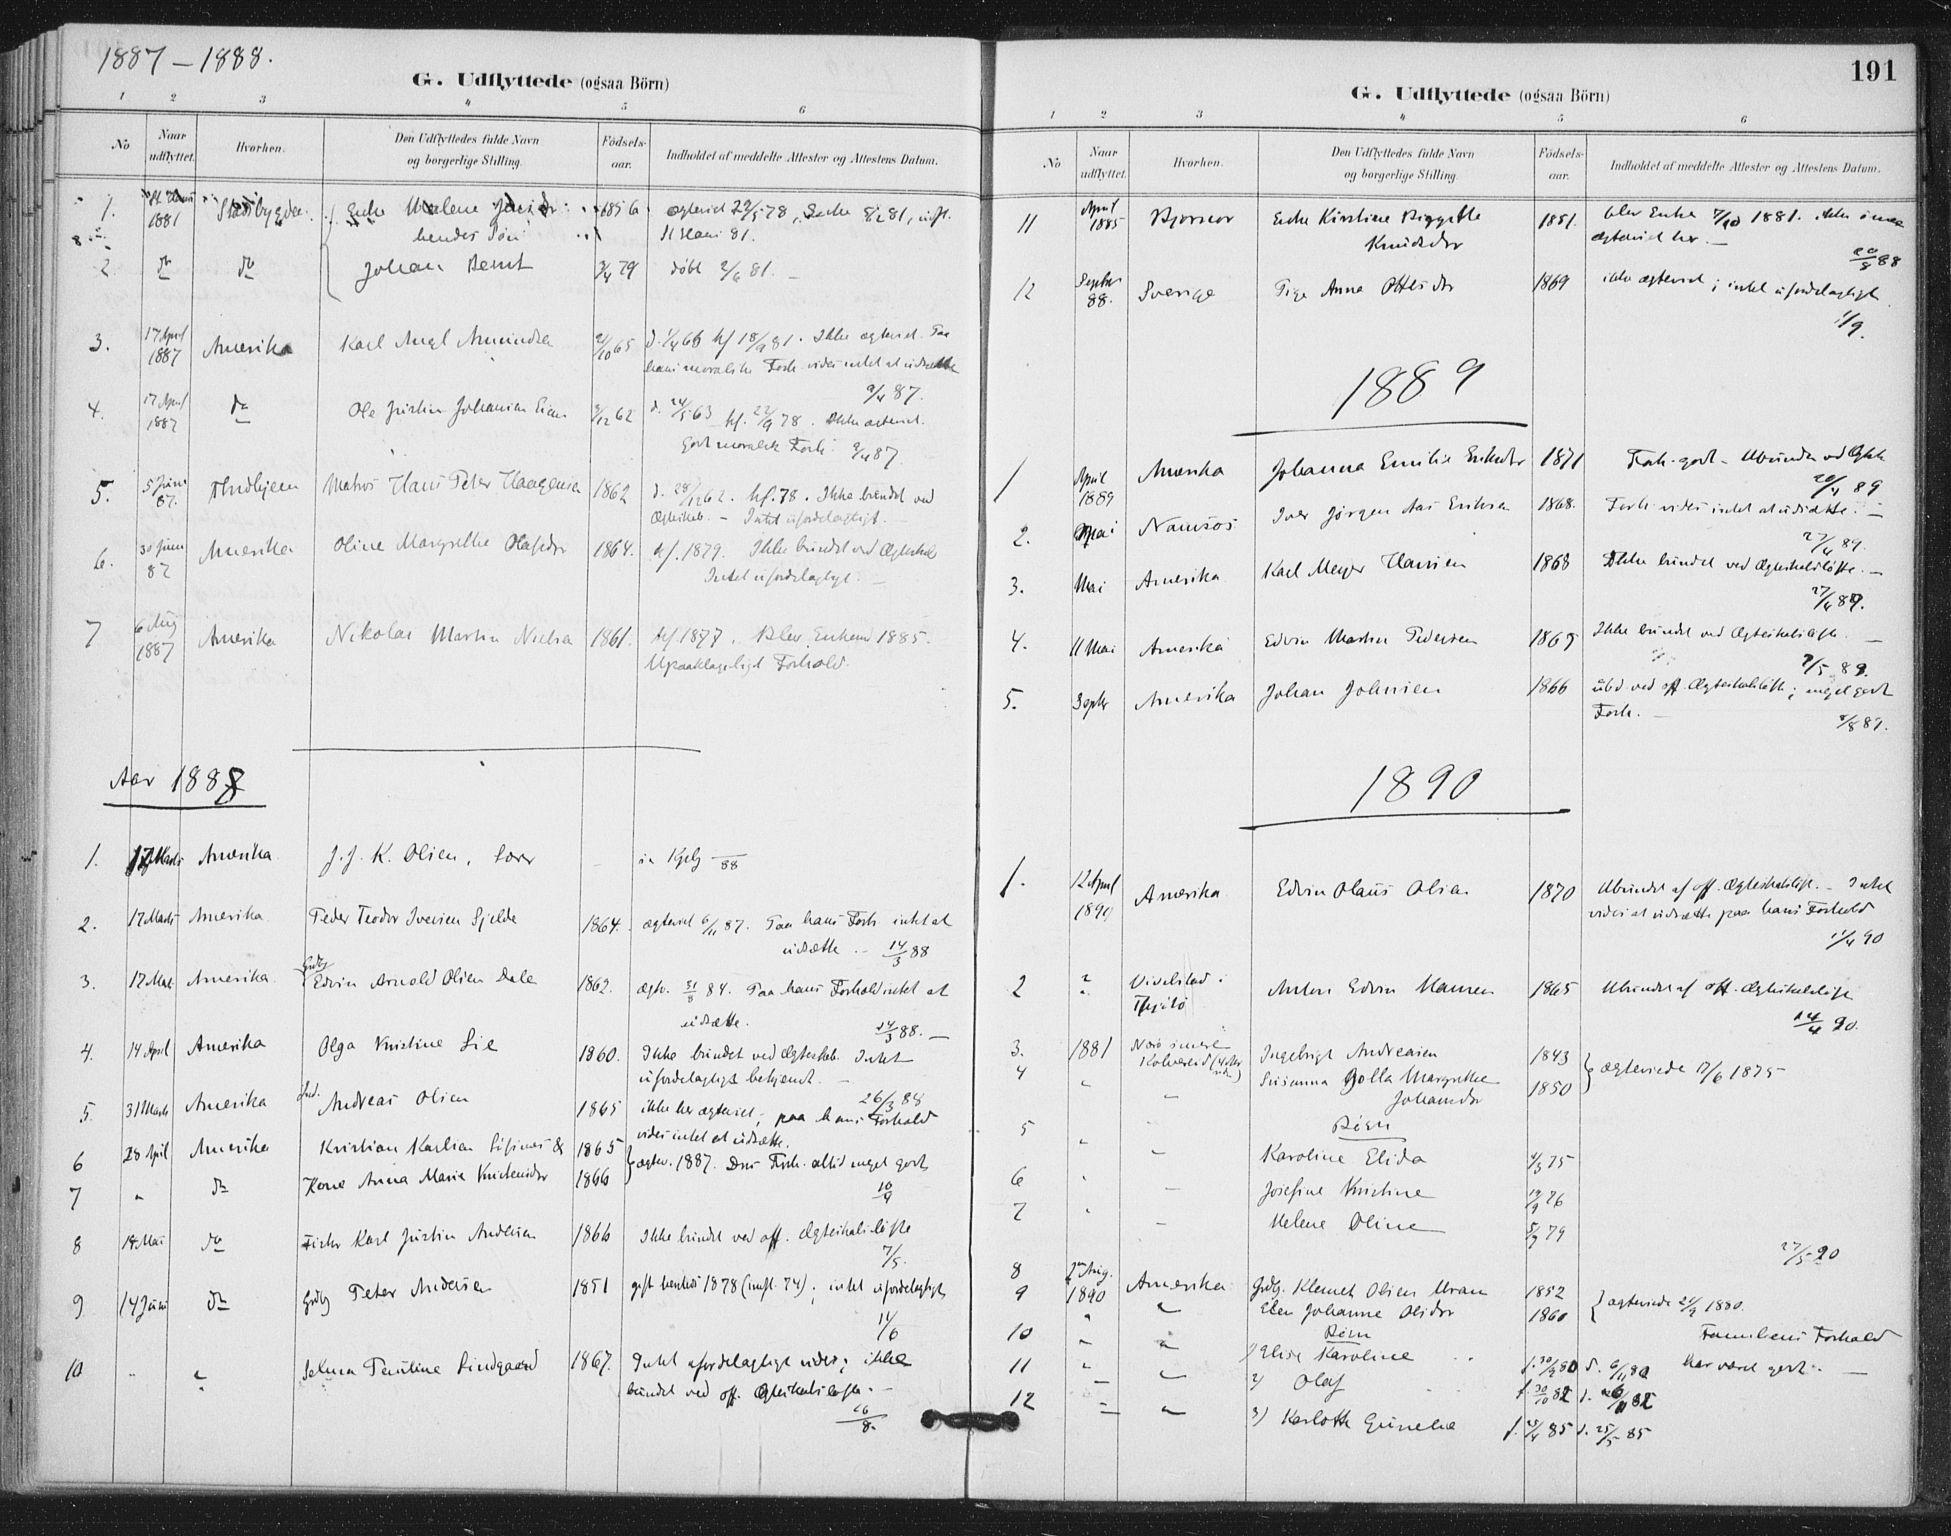 SAT, Ministerialprotokoller, klokkerbøker og fødselsregistre - Nord-Trøndelag, 772/L0603: Ministerialbok nr. 772A01, 1885-1912, s. 191